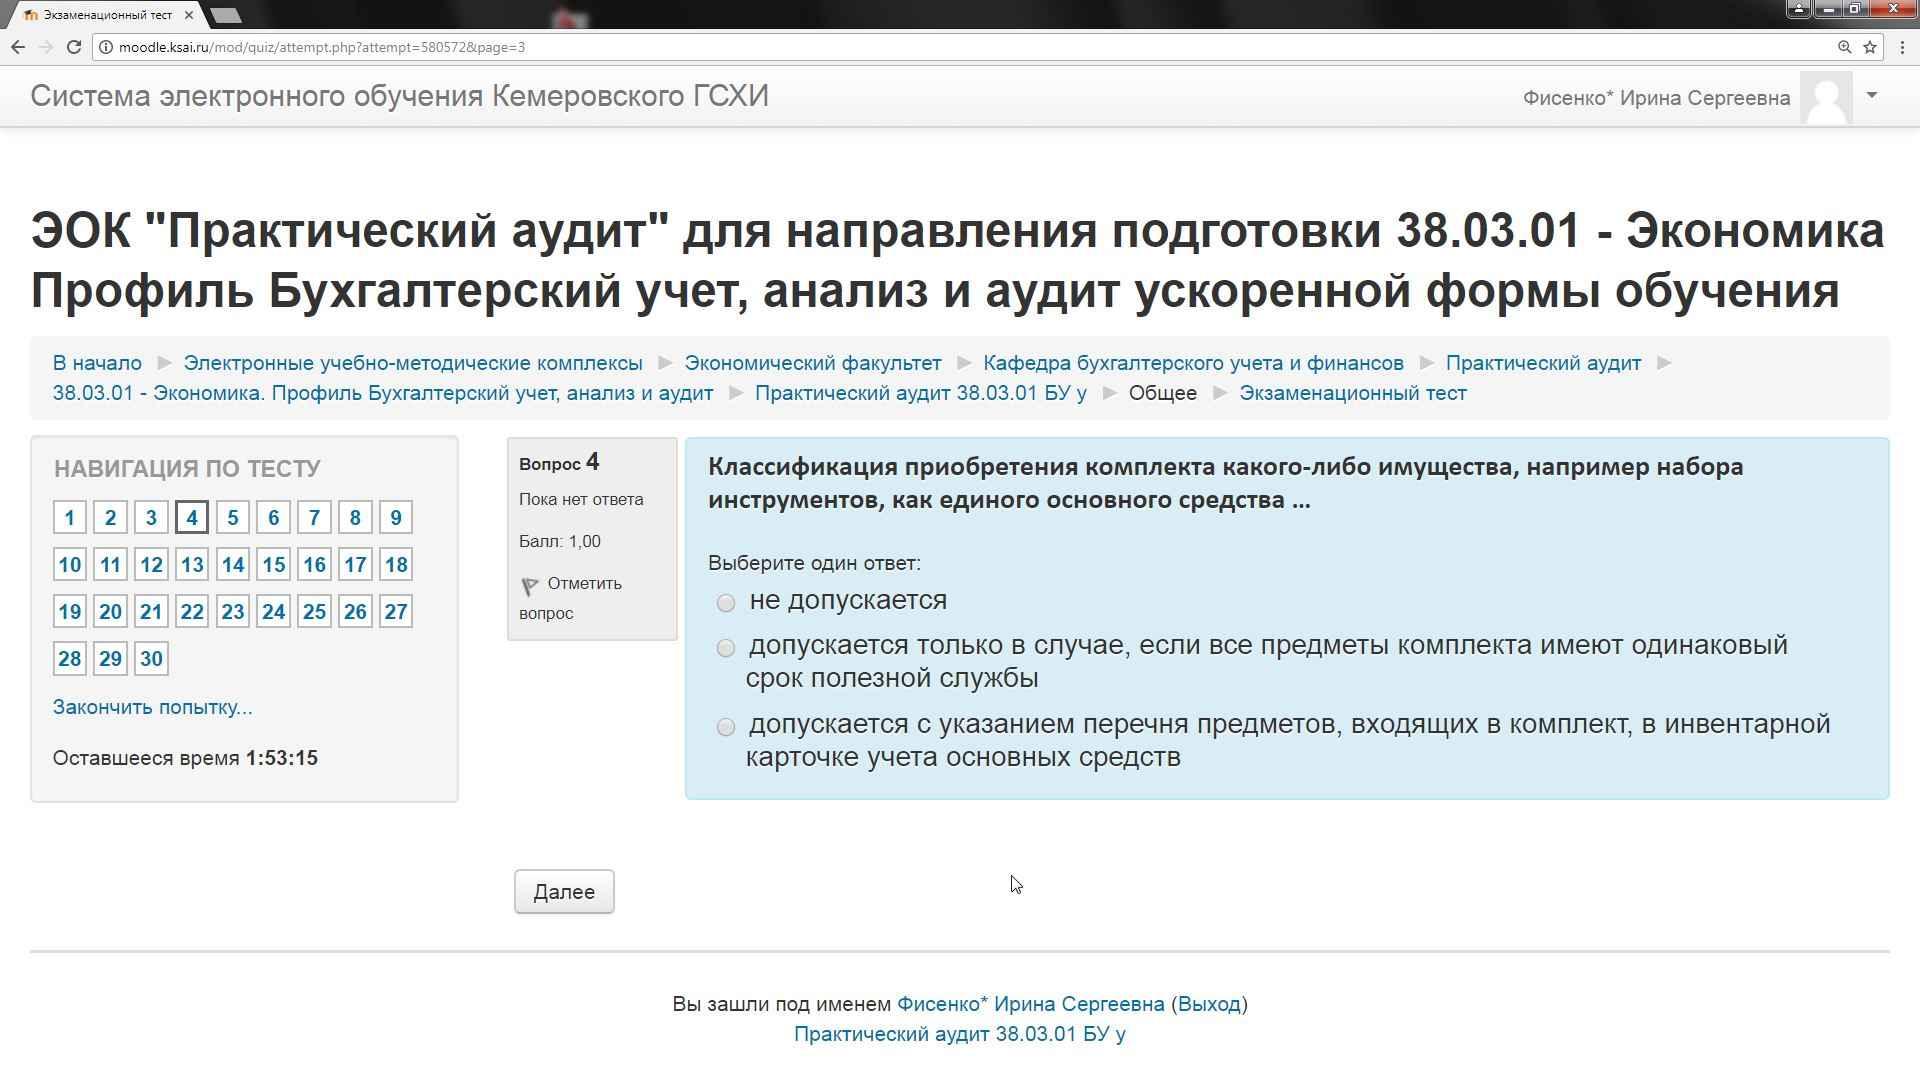 Тест бухгалтера по основным средствам онлайн стоимость бухгалтерского сопровождения санкт петербург